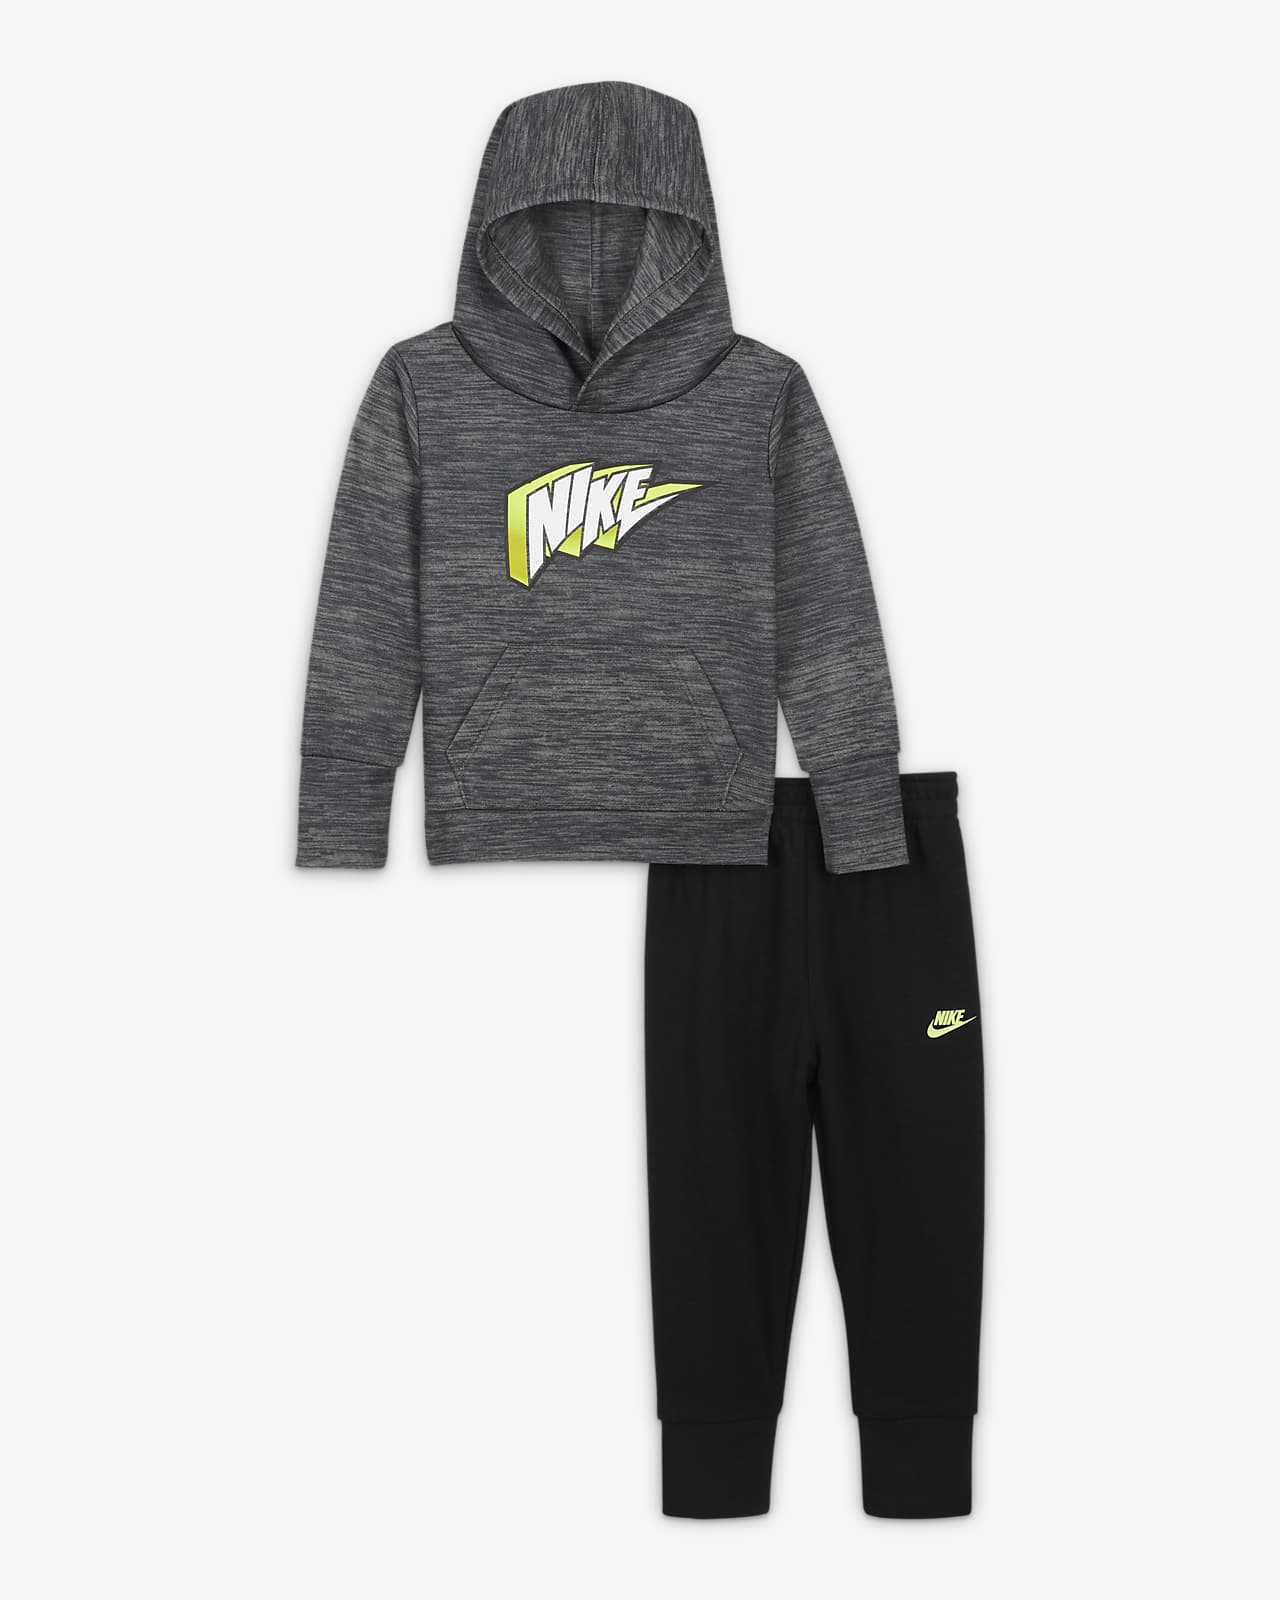 Nike Baby (12-24M) Hoodie and Pants Set